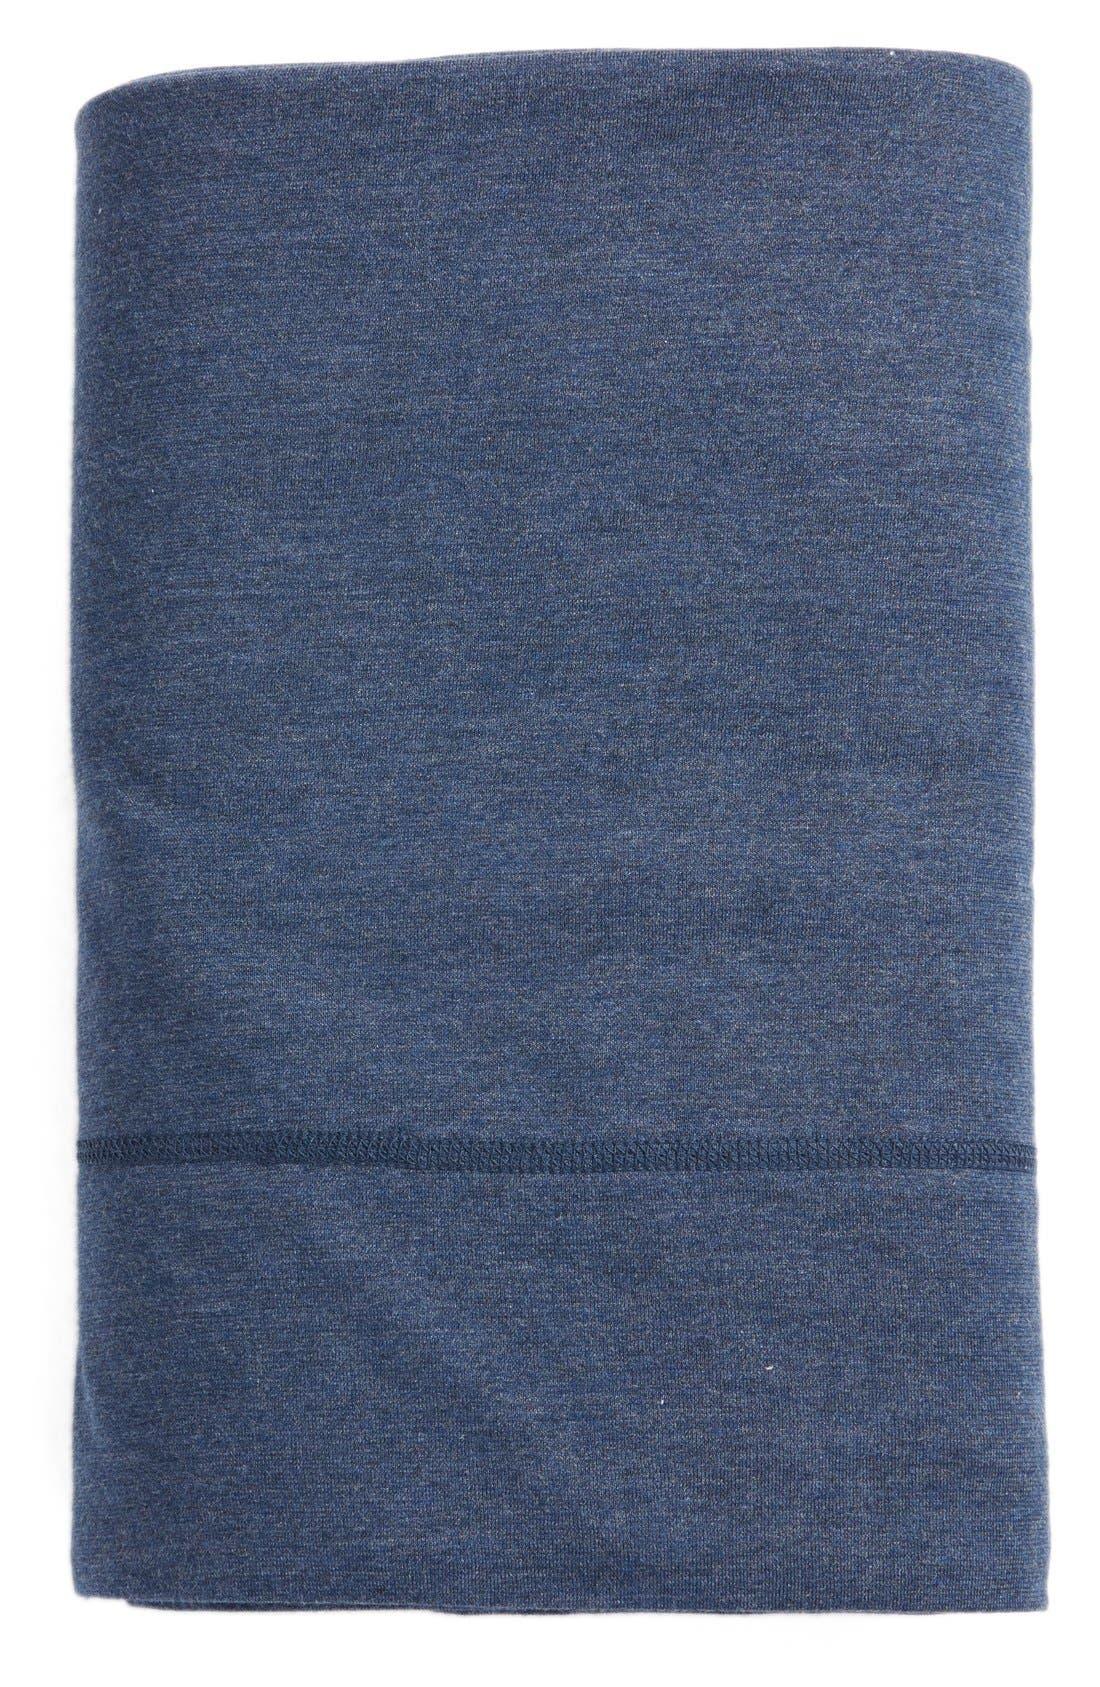 Main Image - Calvin Klein Modern Cotton Collection Cotton & Modal Flat Sheet